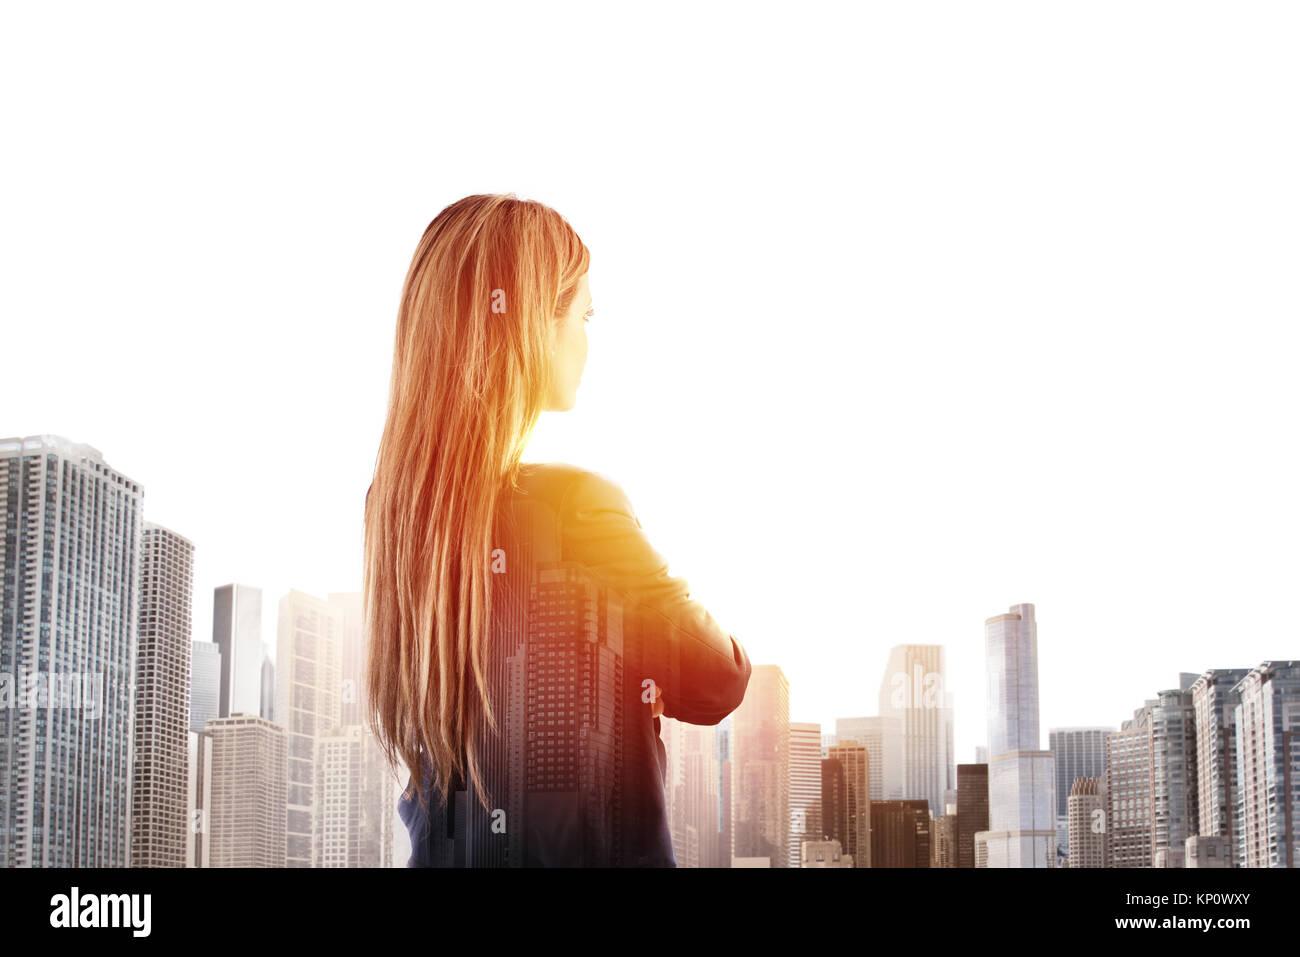 La empresaria se ve lejos para el futuro Imagen De Stock